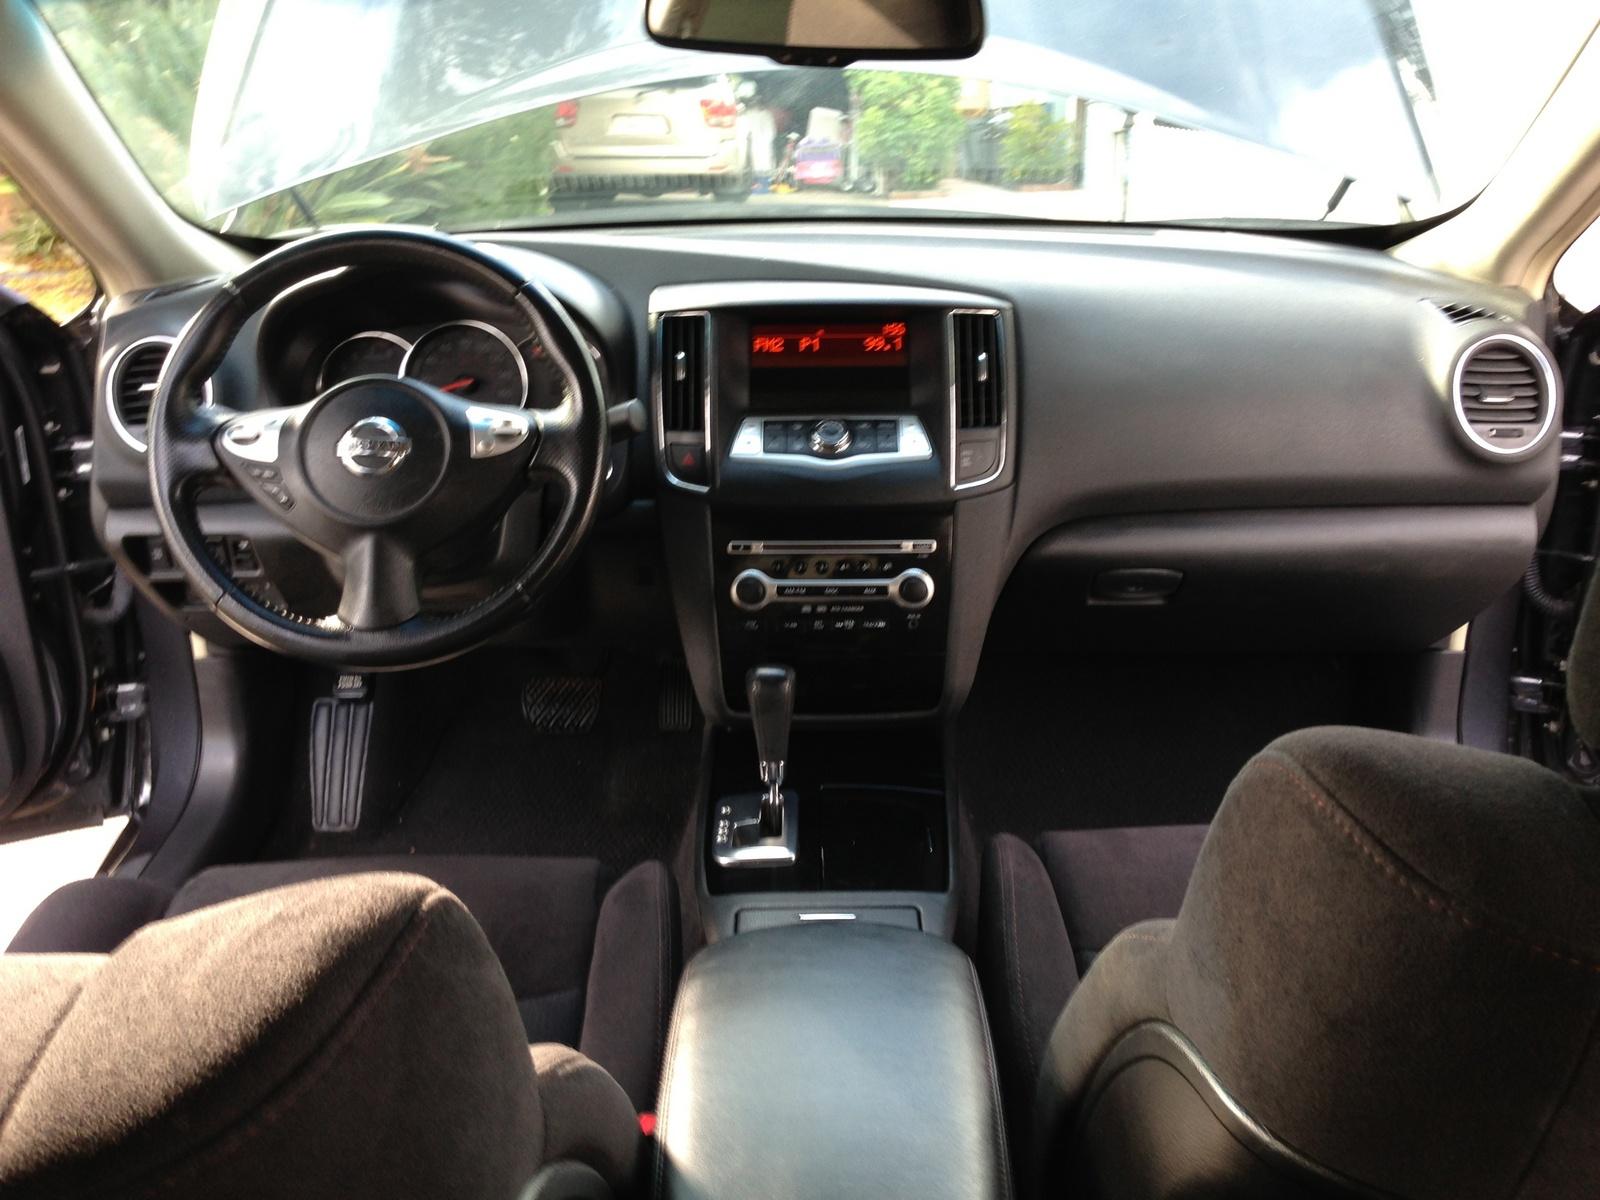 2010 Nissan Maxima Interior Pictures Cargurus